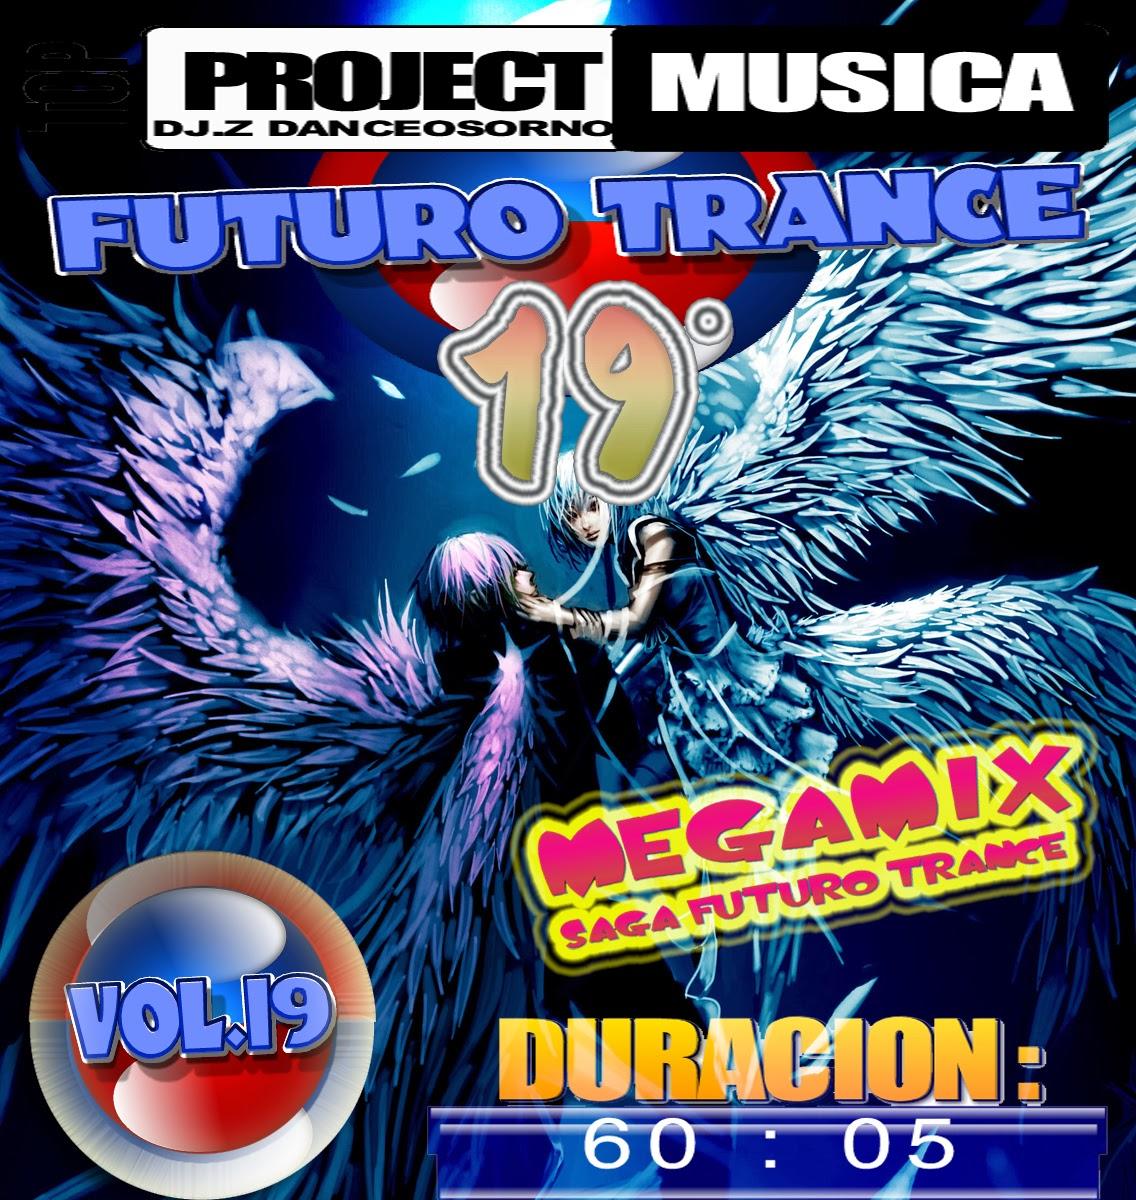 megamix futuro trance vol.19